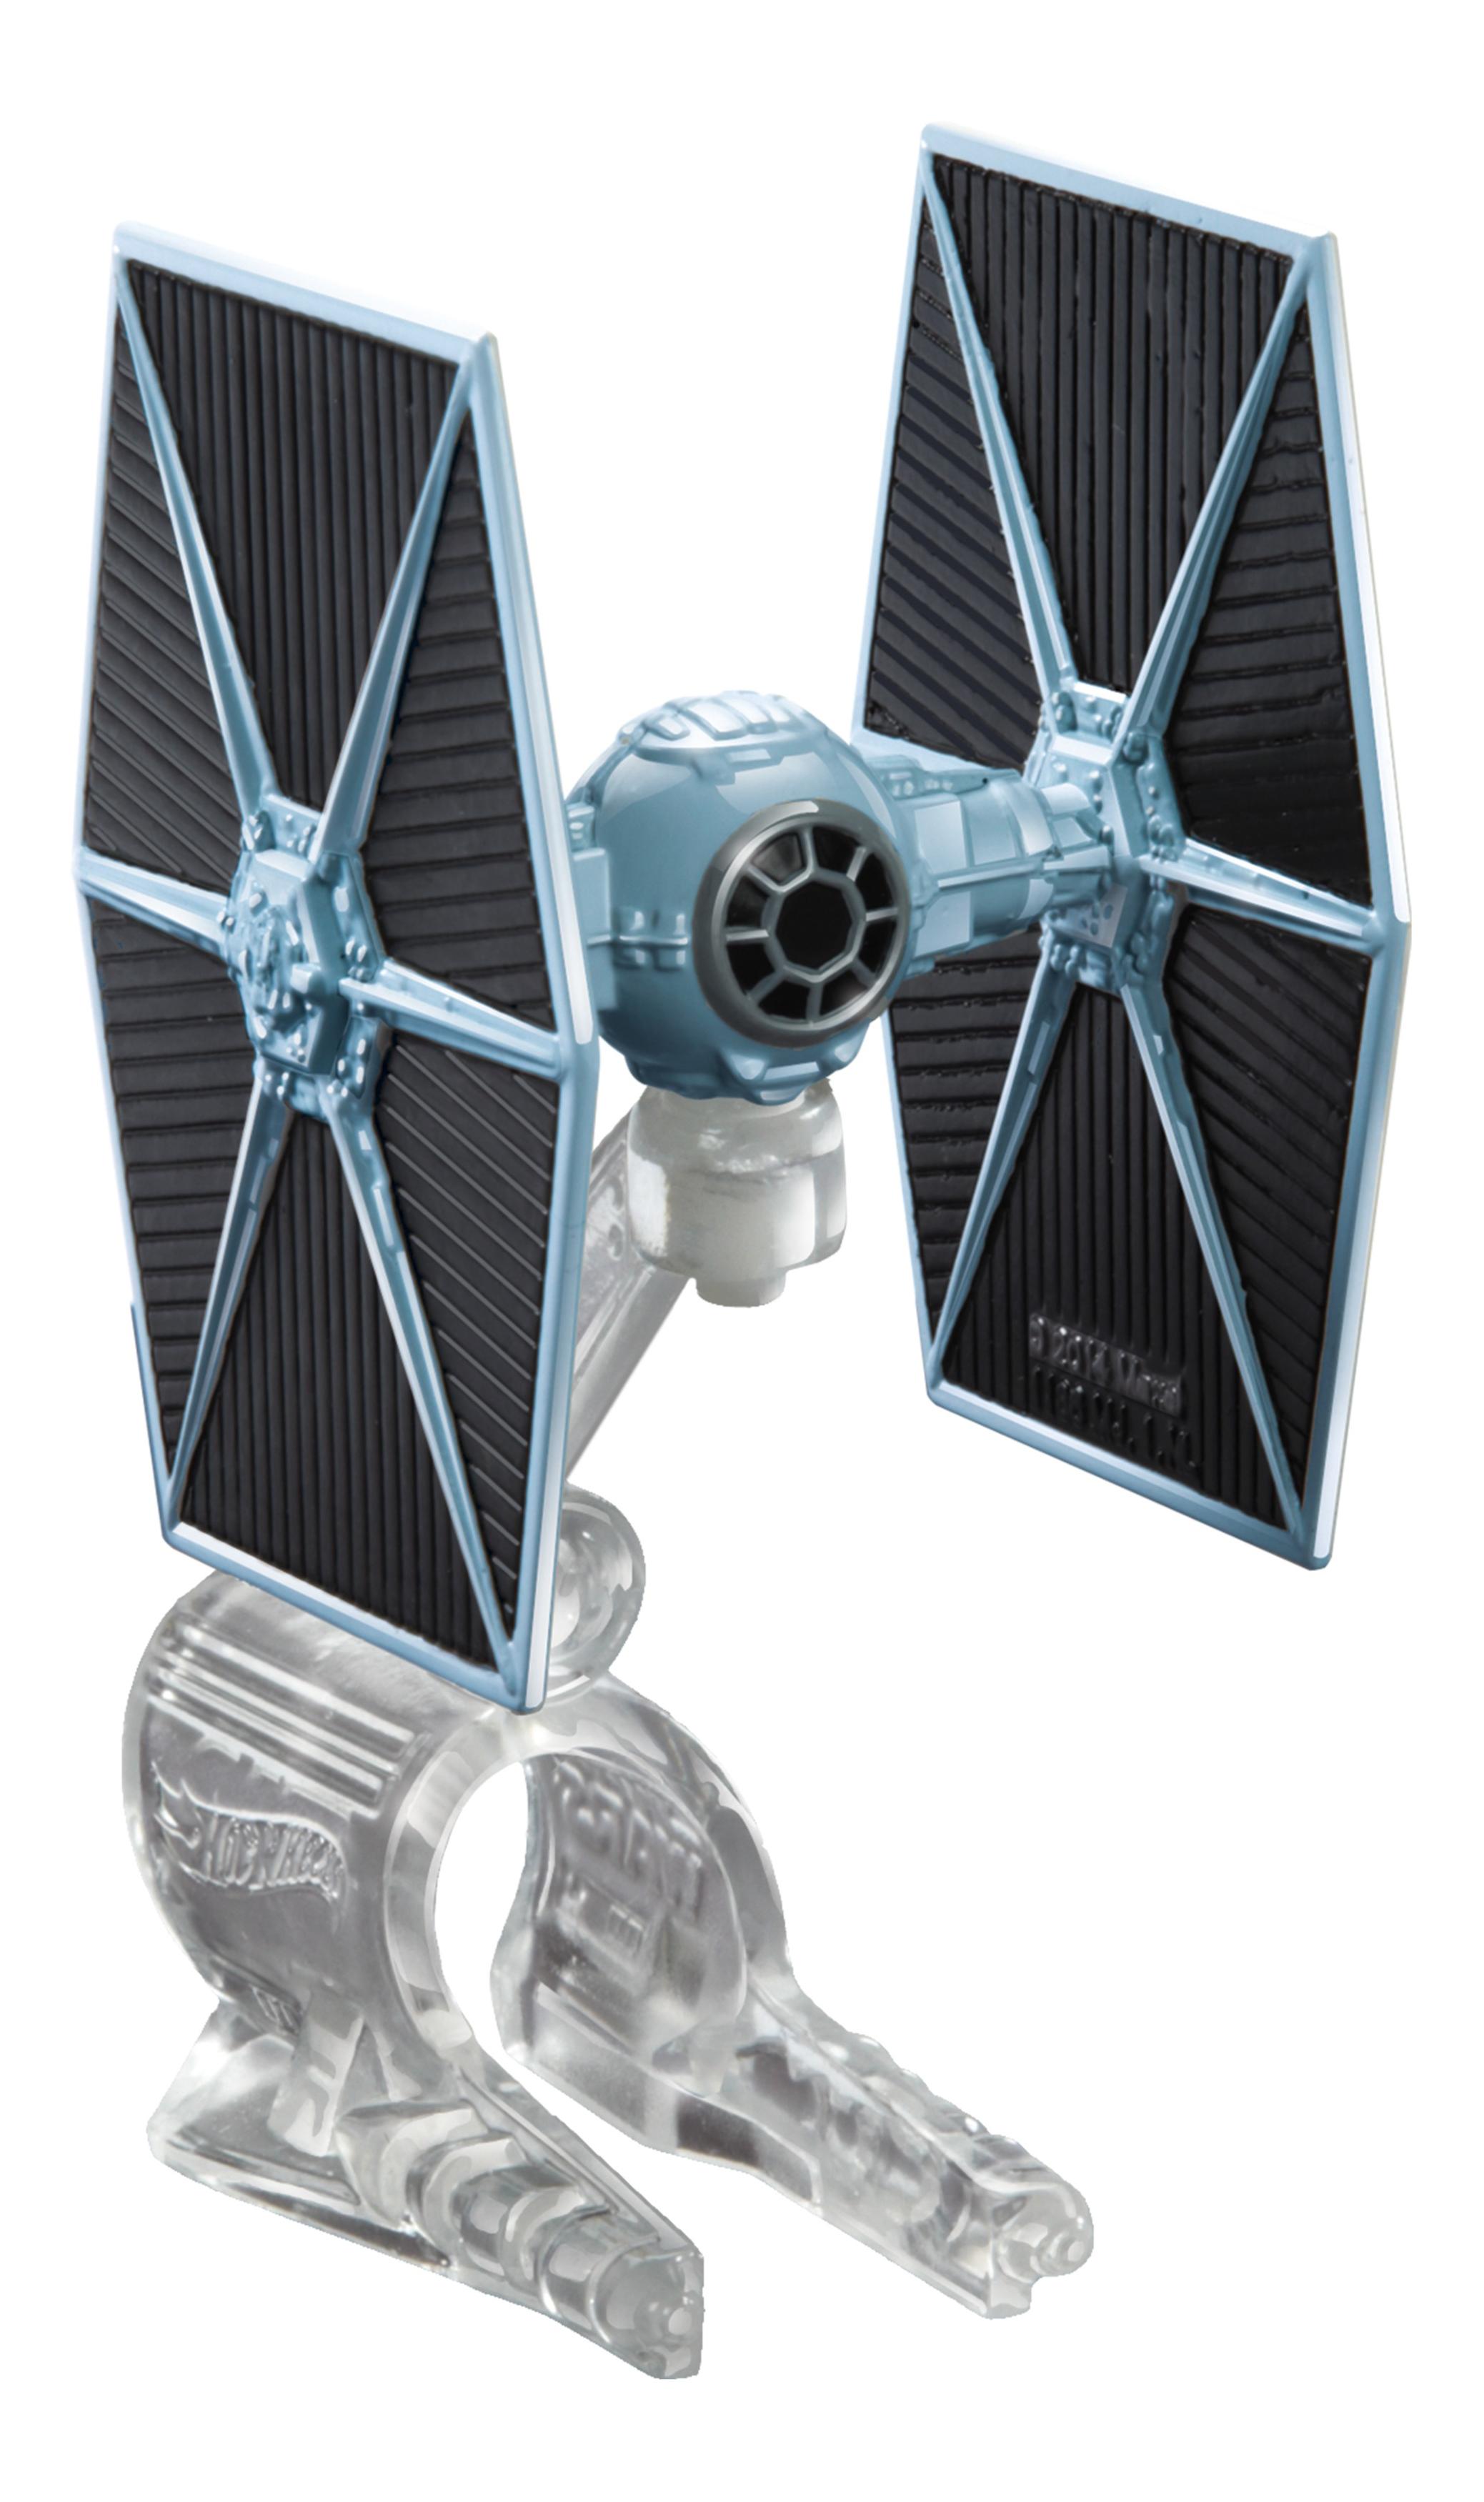 Купить Истребитель Hot Wheels Звёздные войны CGW52 CGW53, Воздушный транспорт